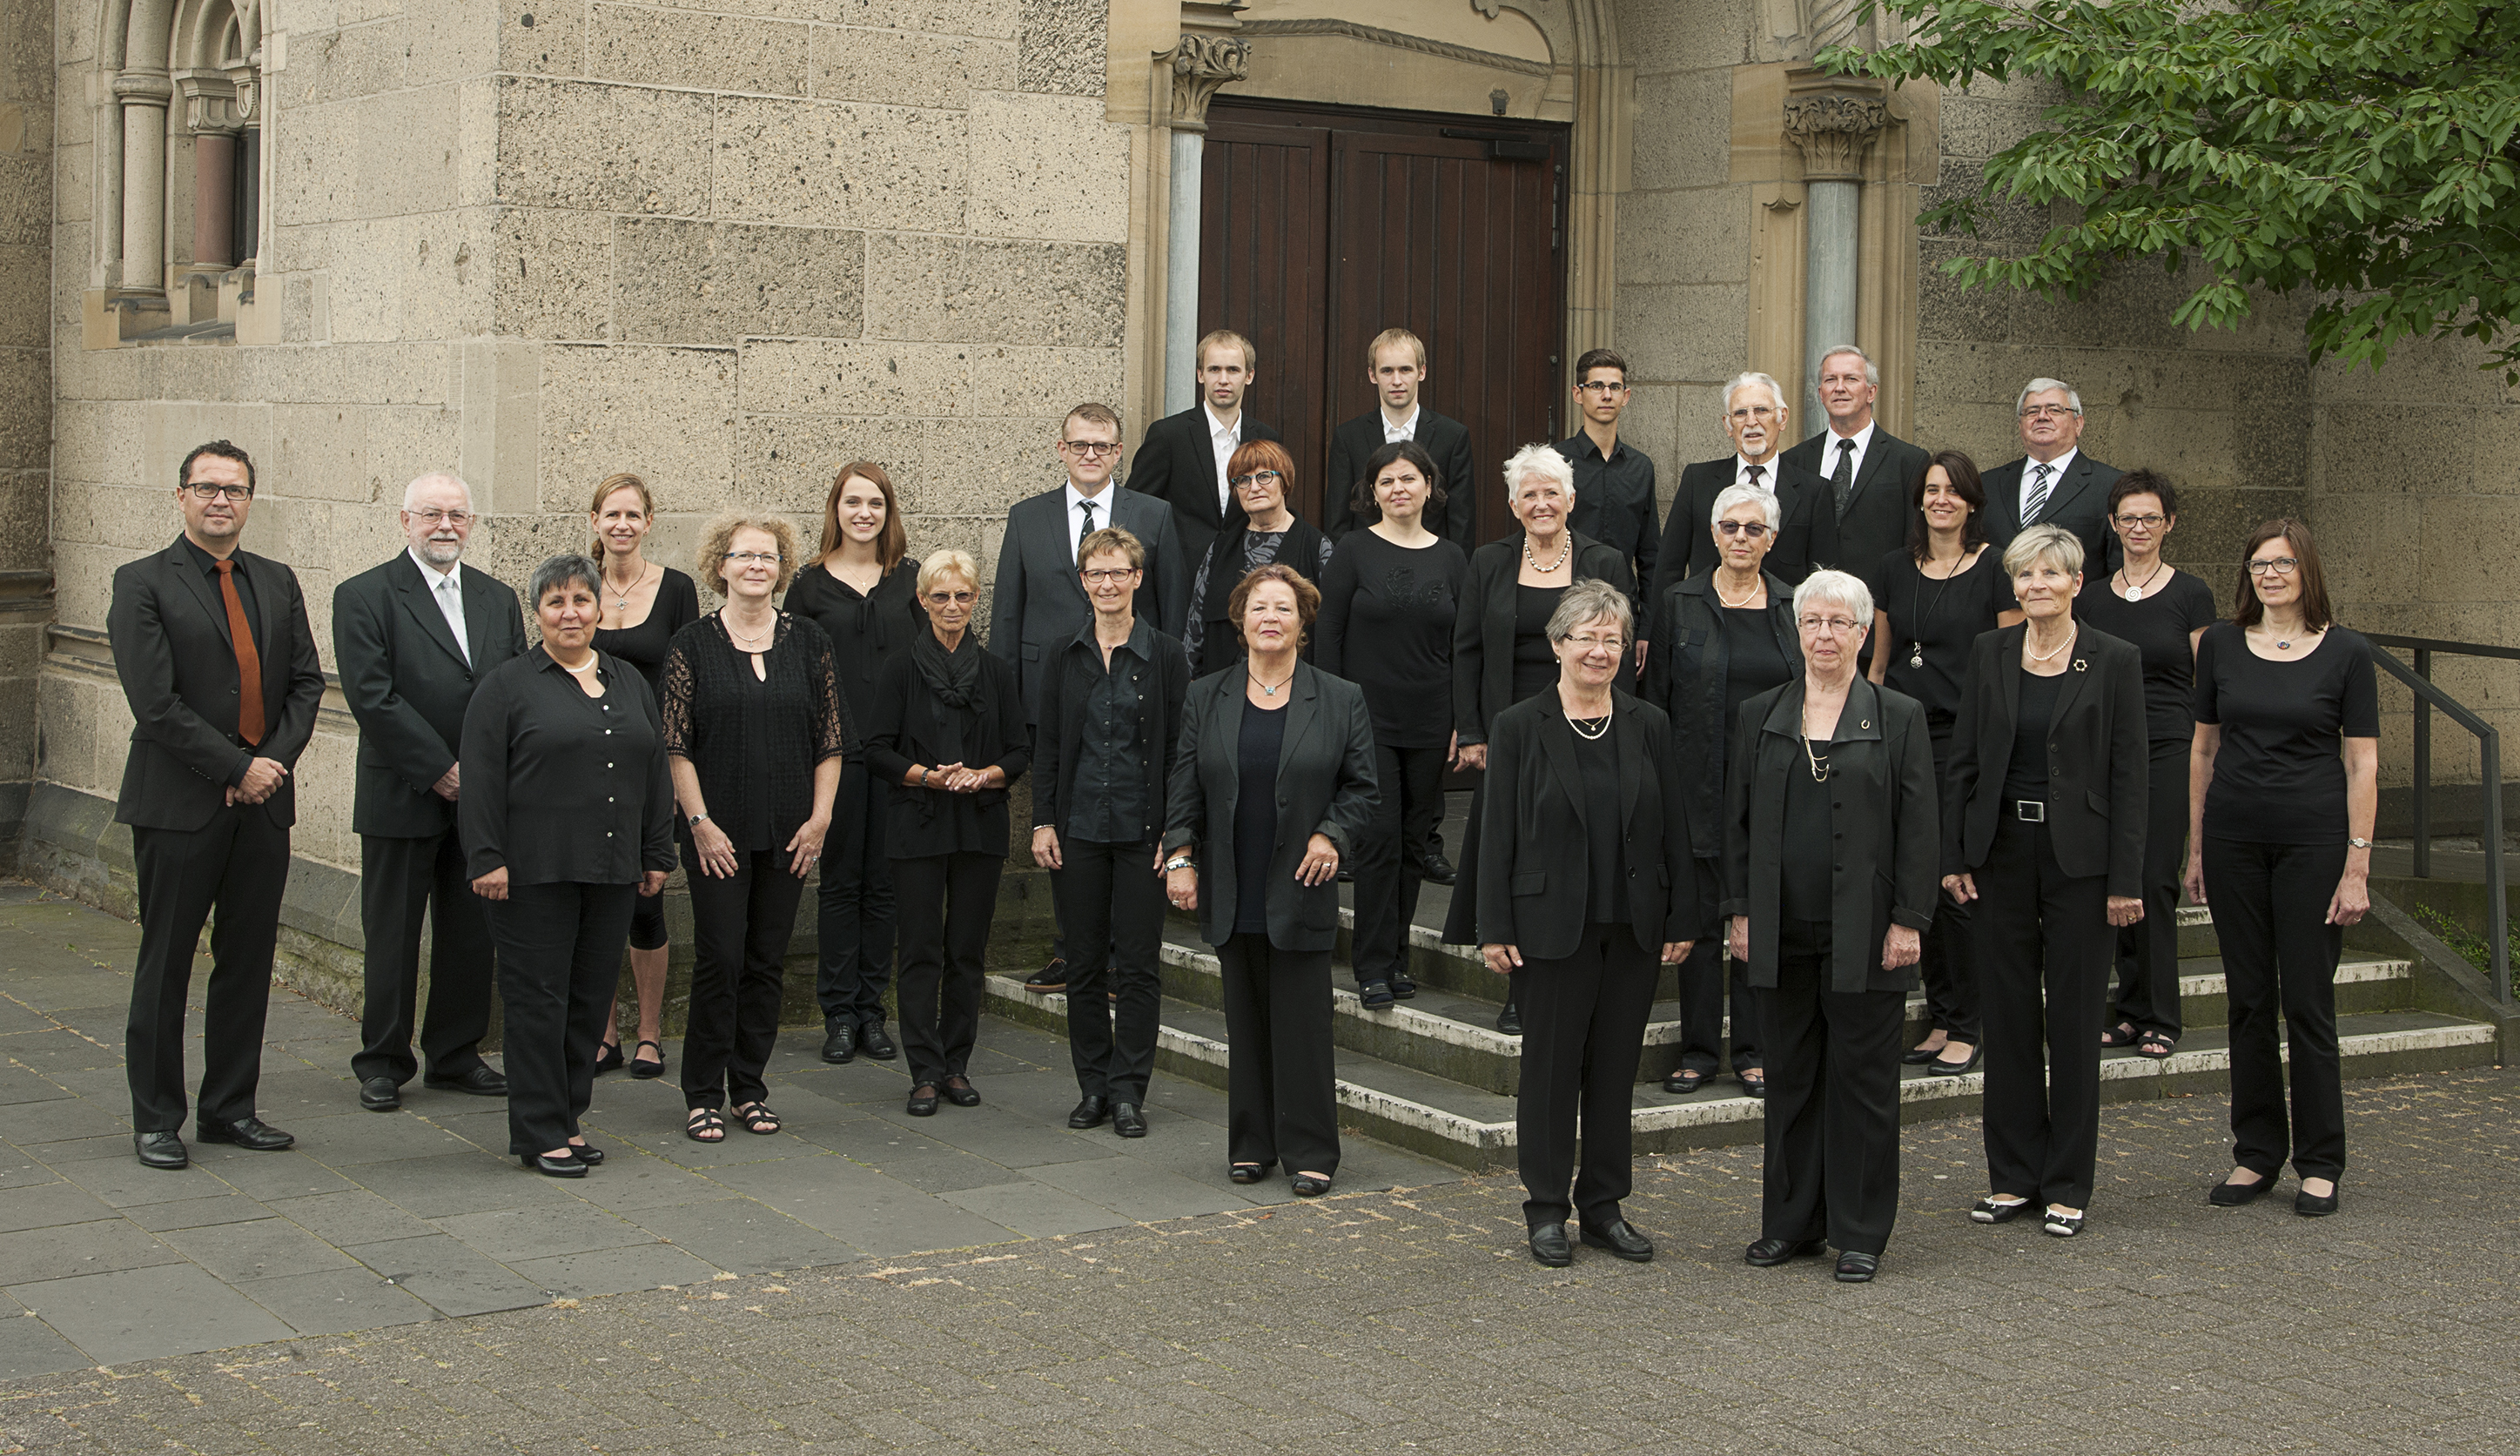 Kirchenchor Herz Jesu _ Foto Christine Lauterbach